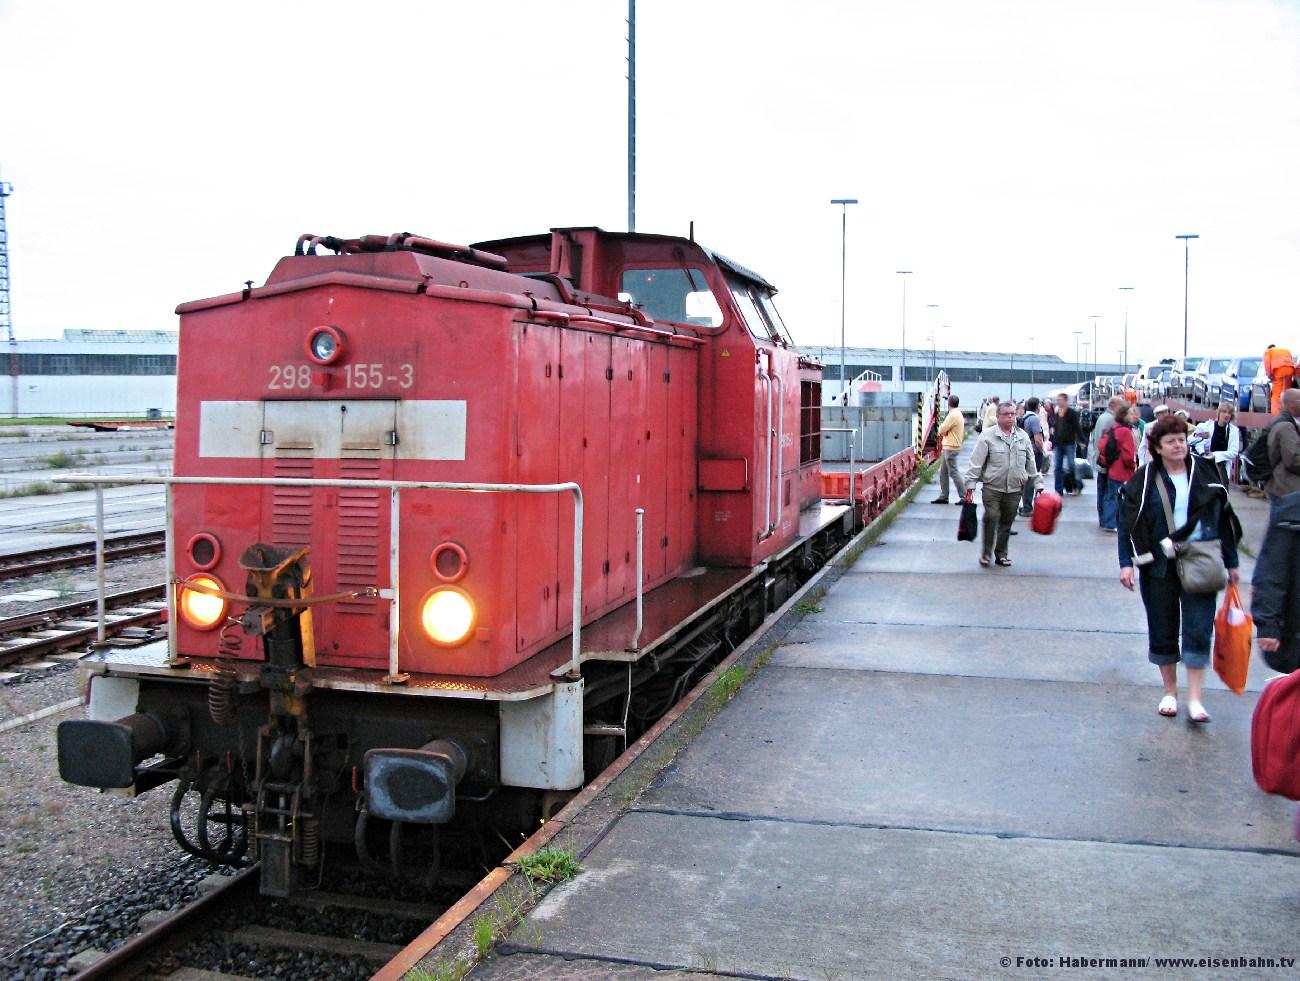 Autozug Rostock Seehafen Entladung mit 202 155-3 - 01.09.2008